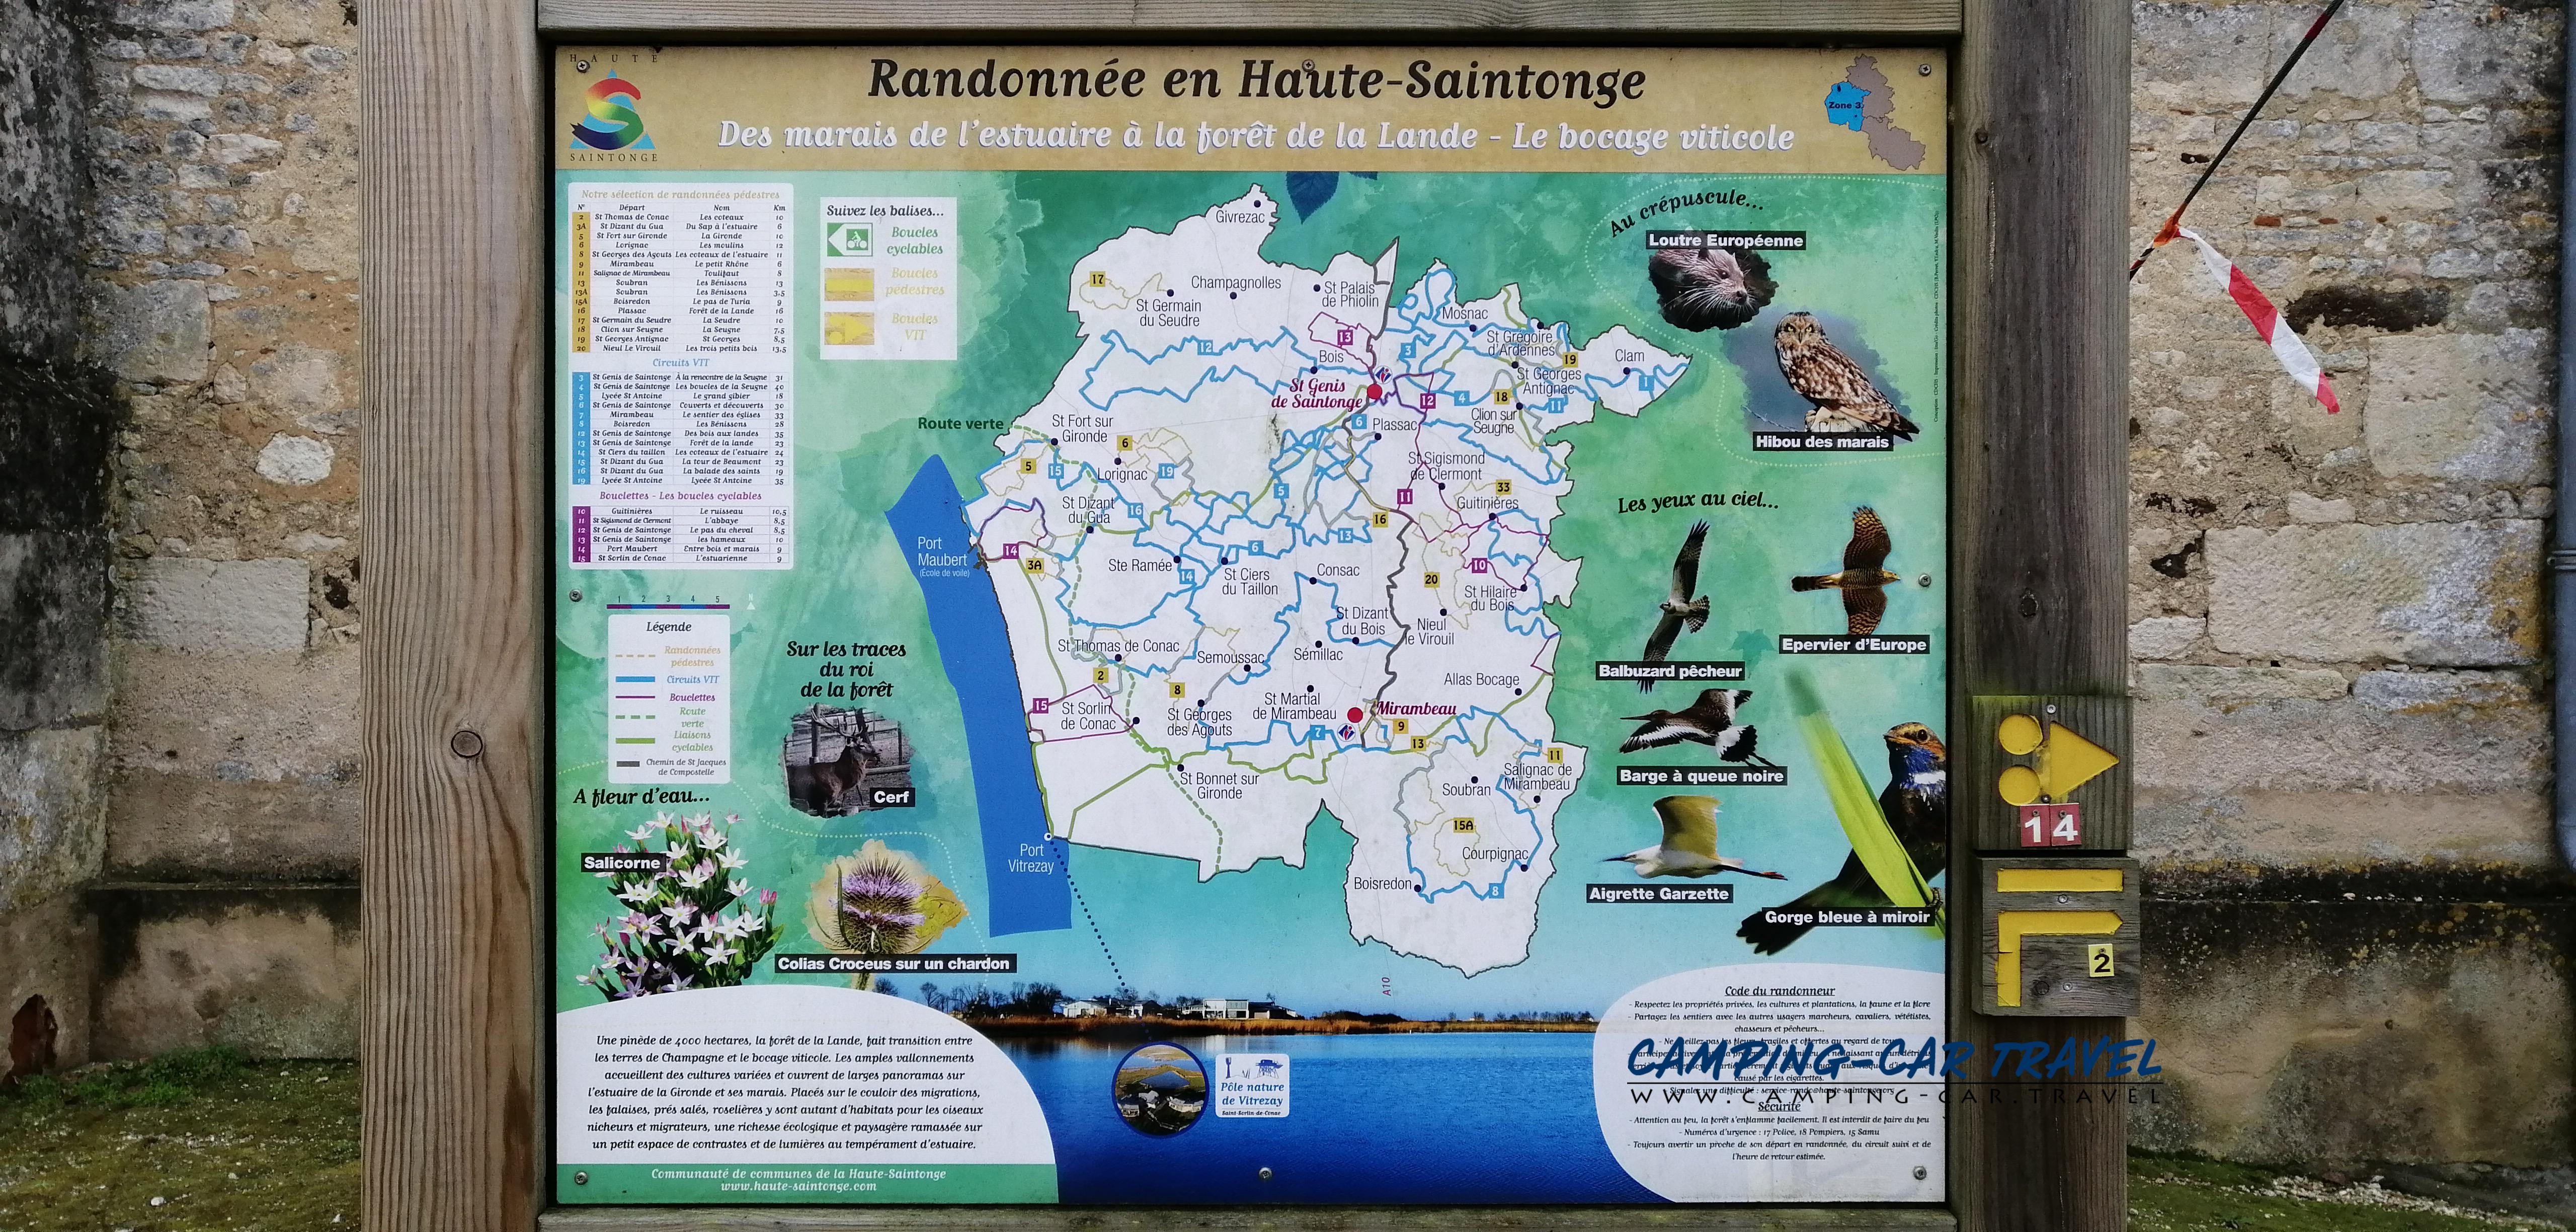 aire services camping car Saint-Thomas-de-Conac Charente-Maritime